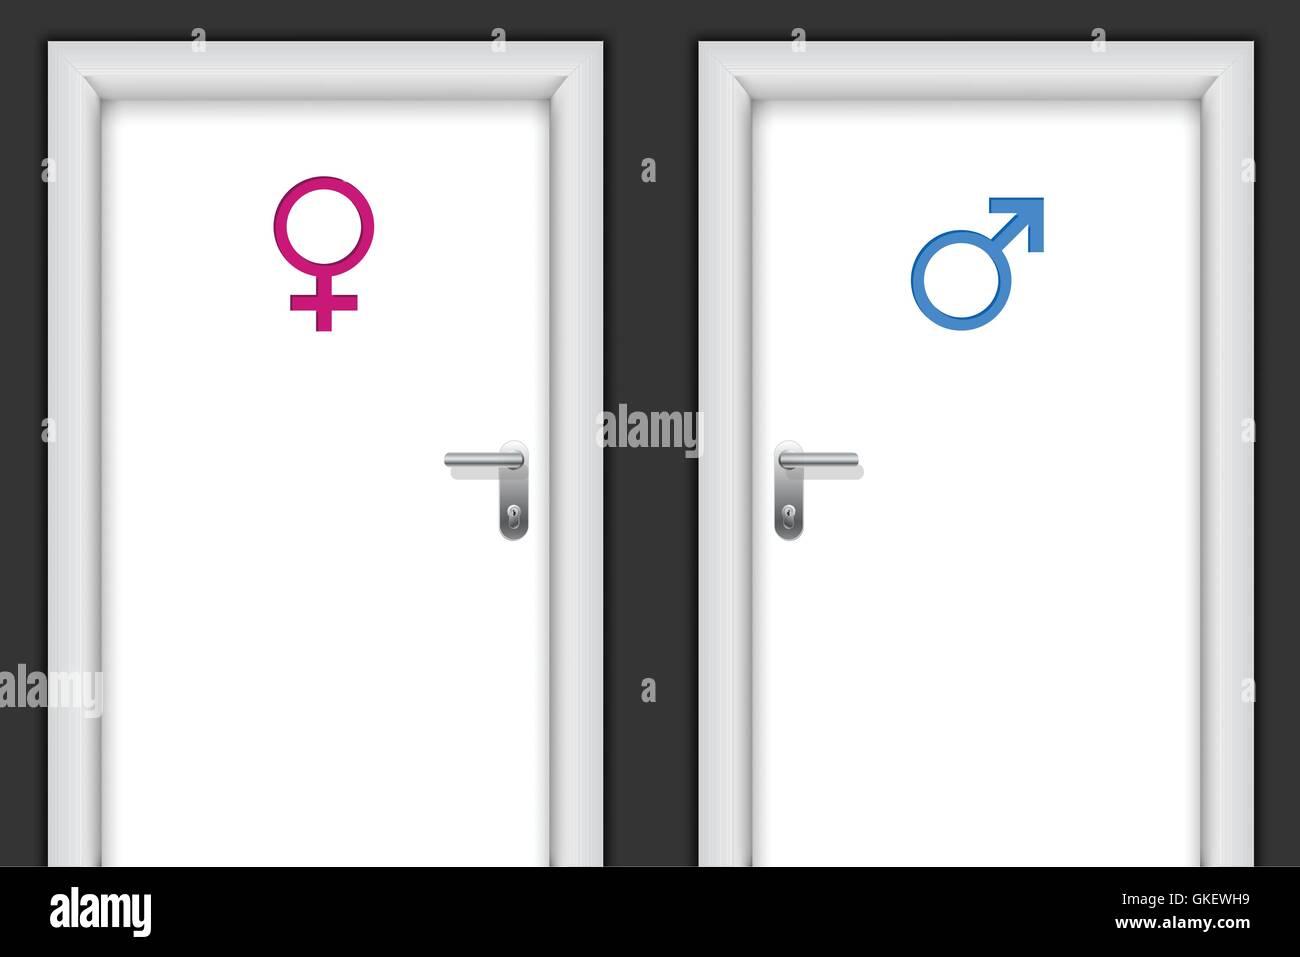 Restroom doors with gender symbols - Stock Image